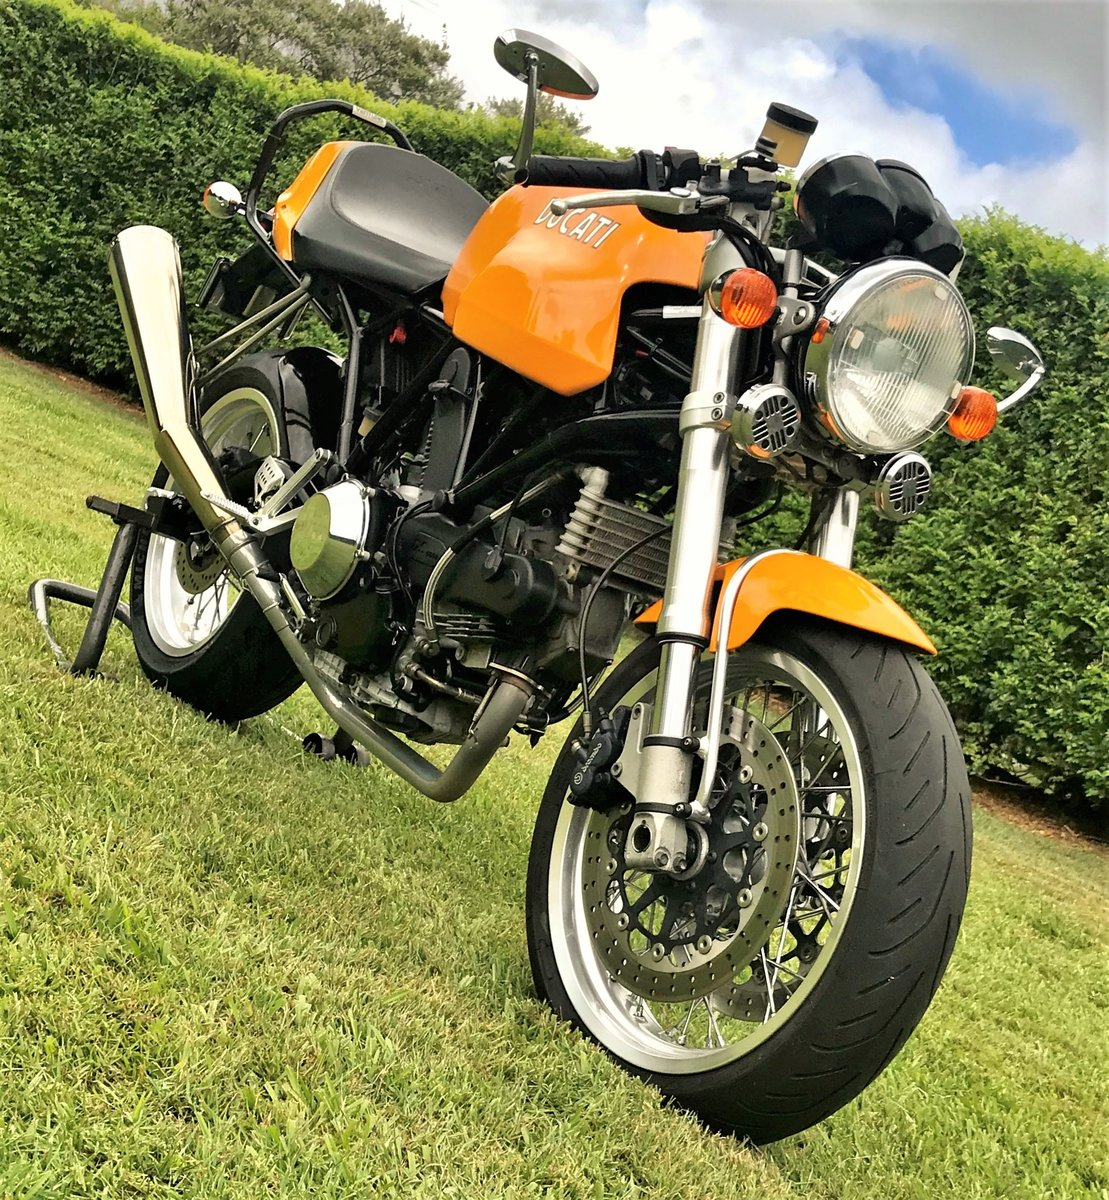 2006 Ducati Sport Classic Monoposto For Sale (picture 3 of 6)